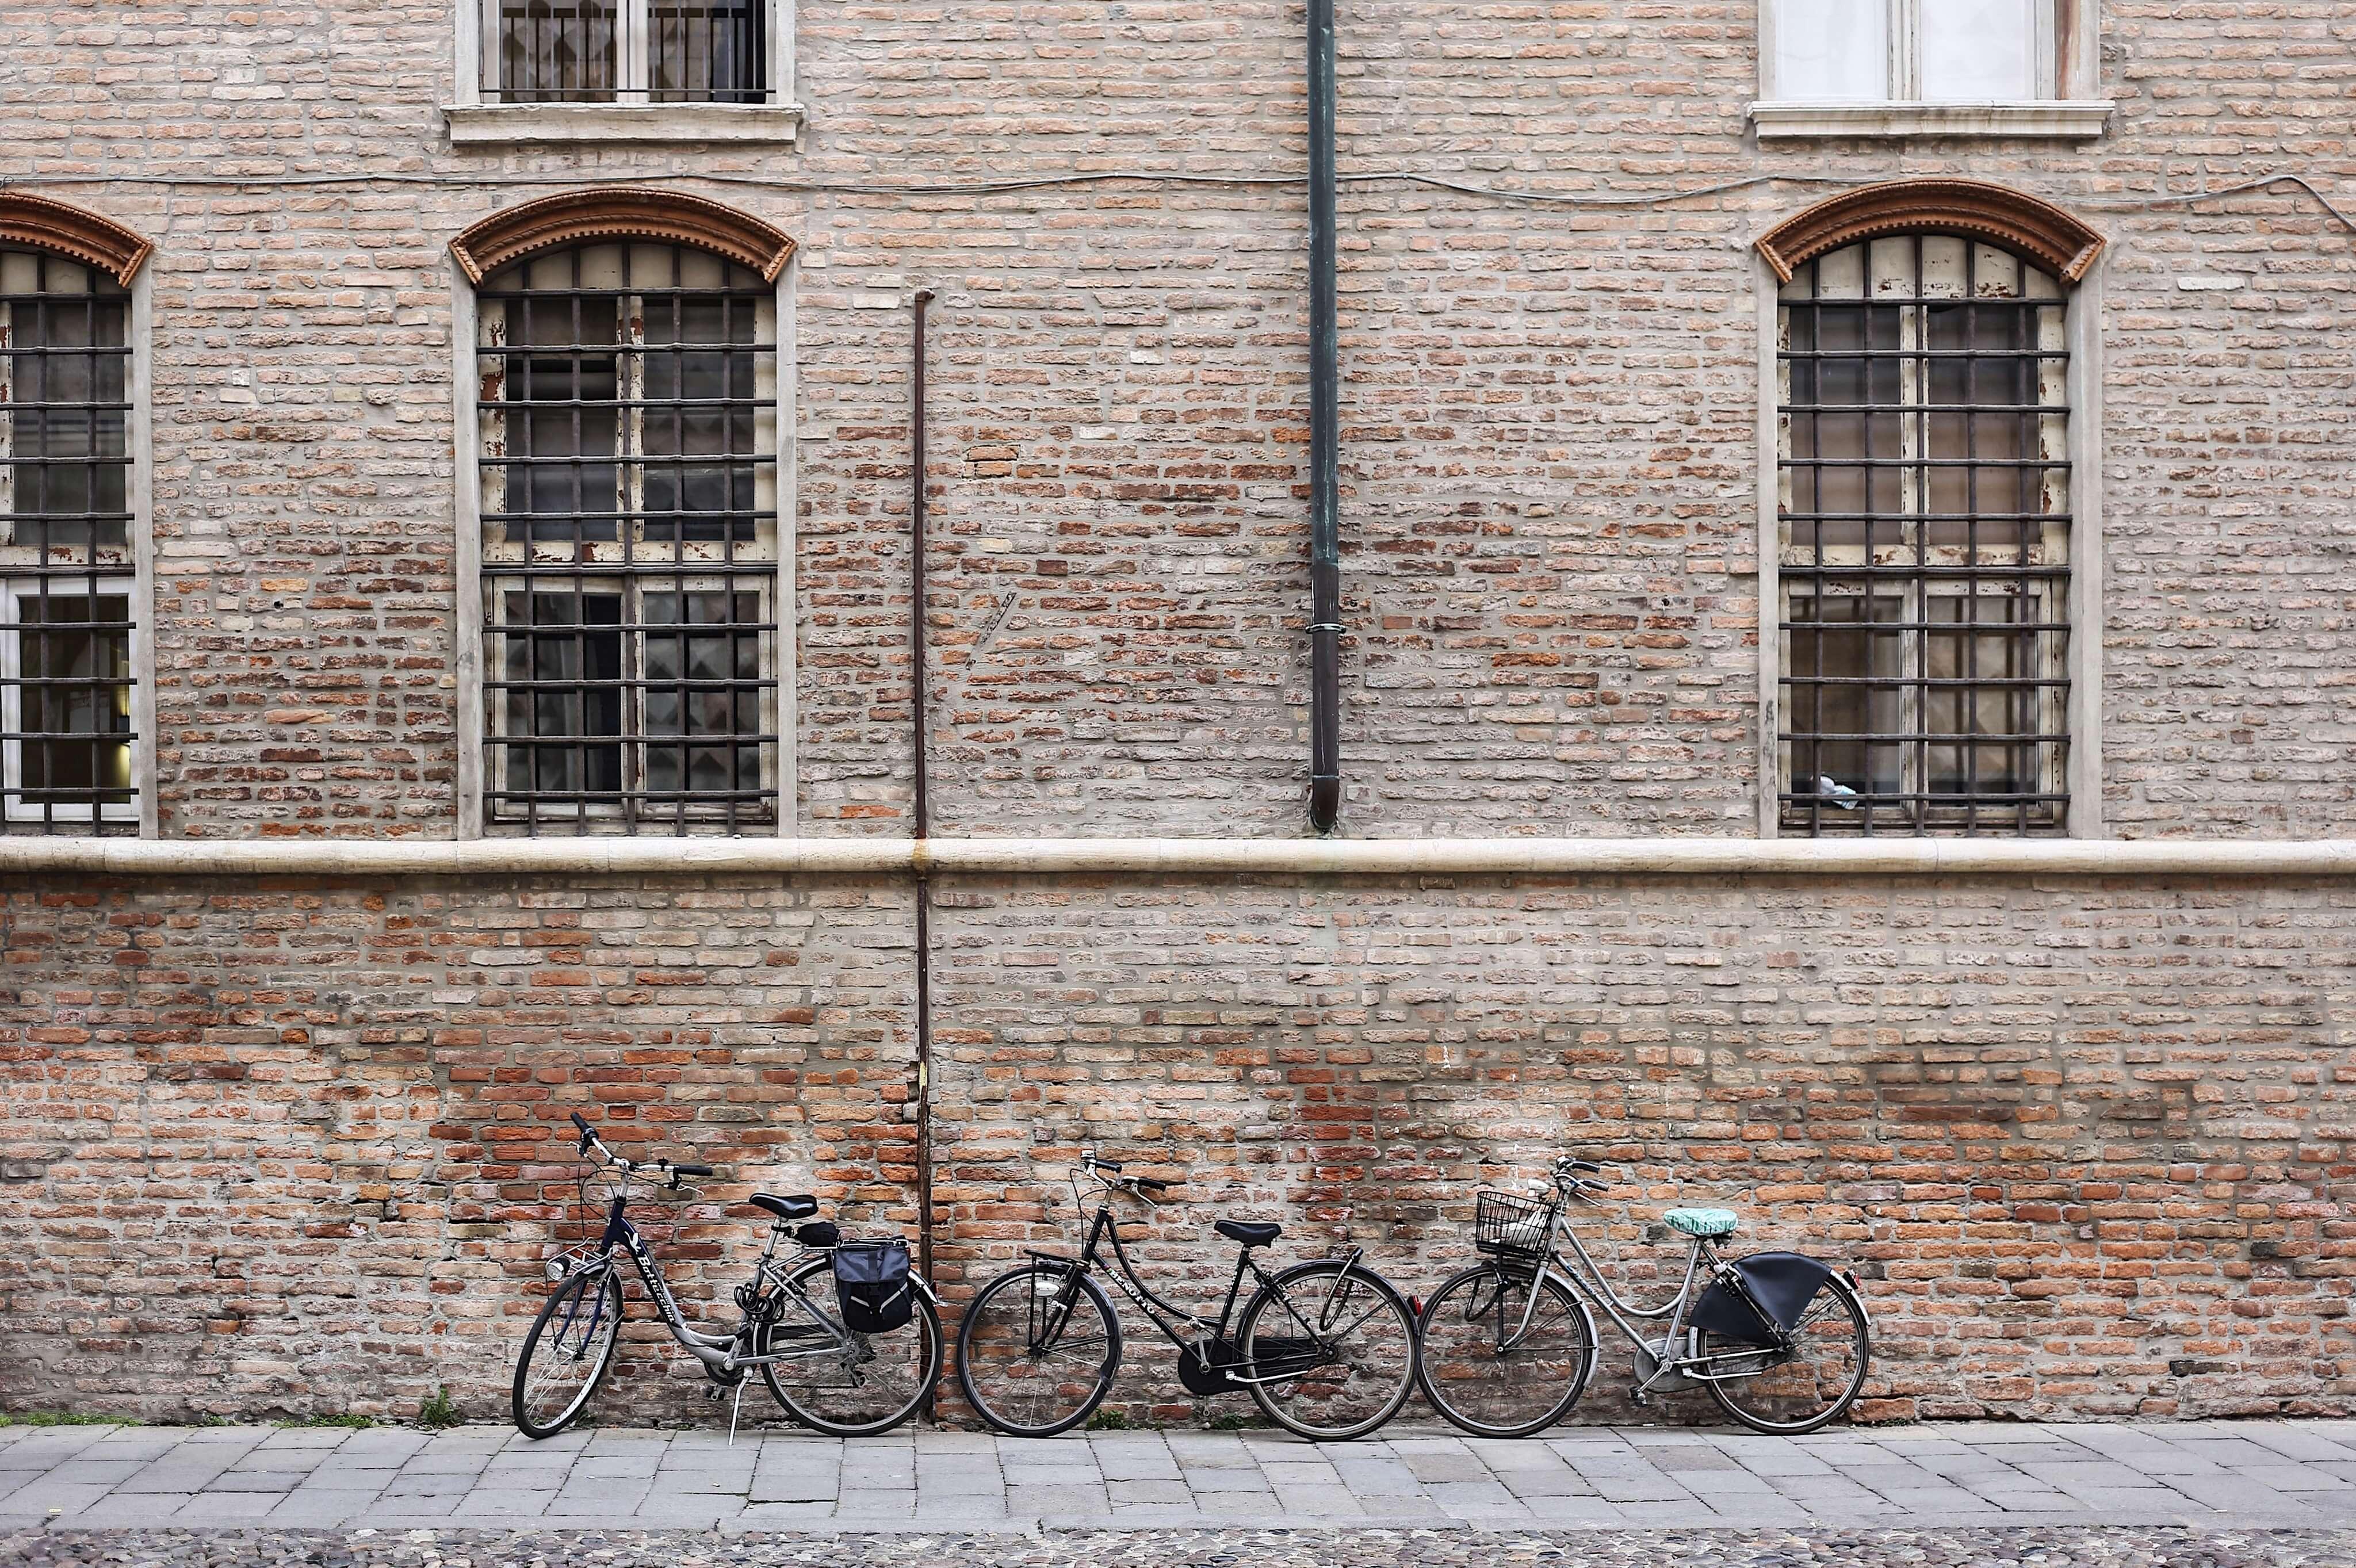 Como encontrar no OLX a bicicleta ideal para o meu dia a dia?